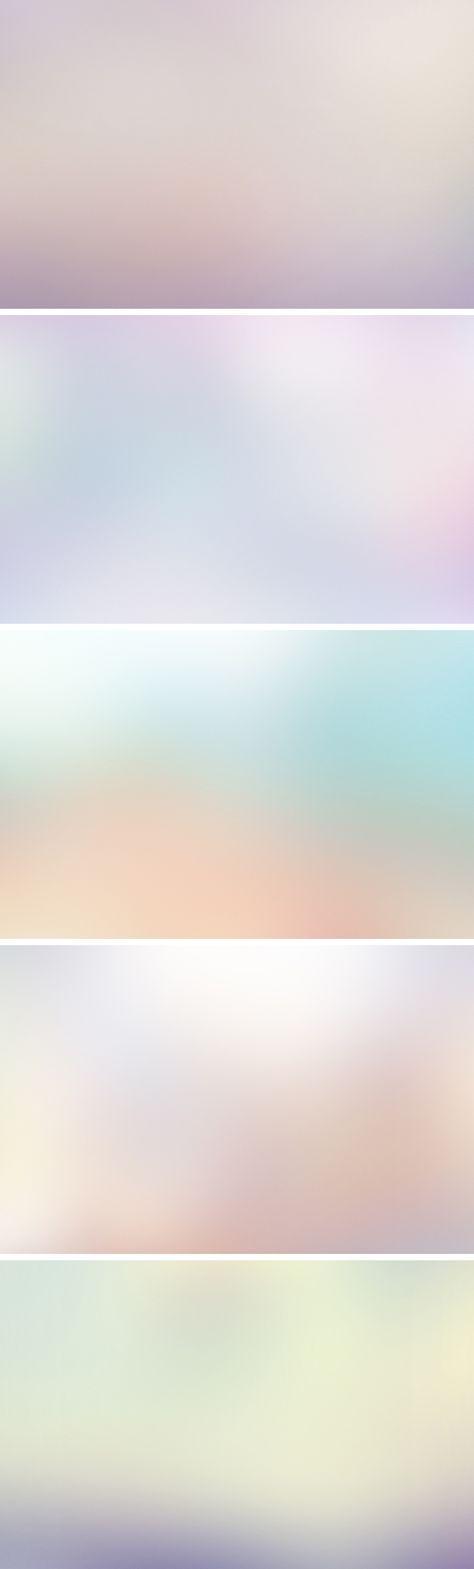 Télécharger le template 5 backgrounds abstraits gratuitement sur Photoshop. Télécharger